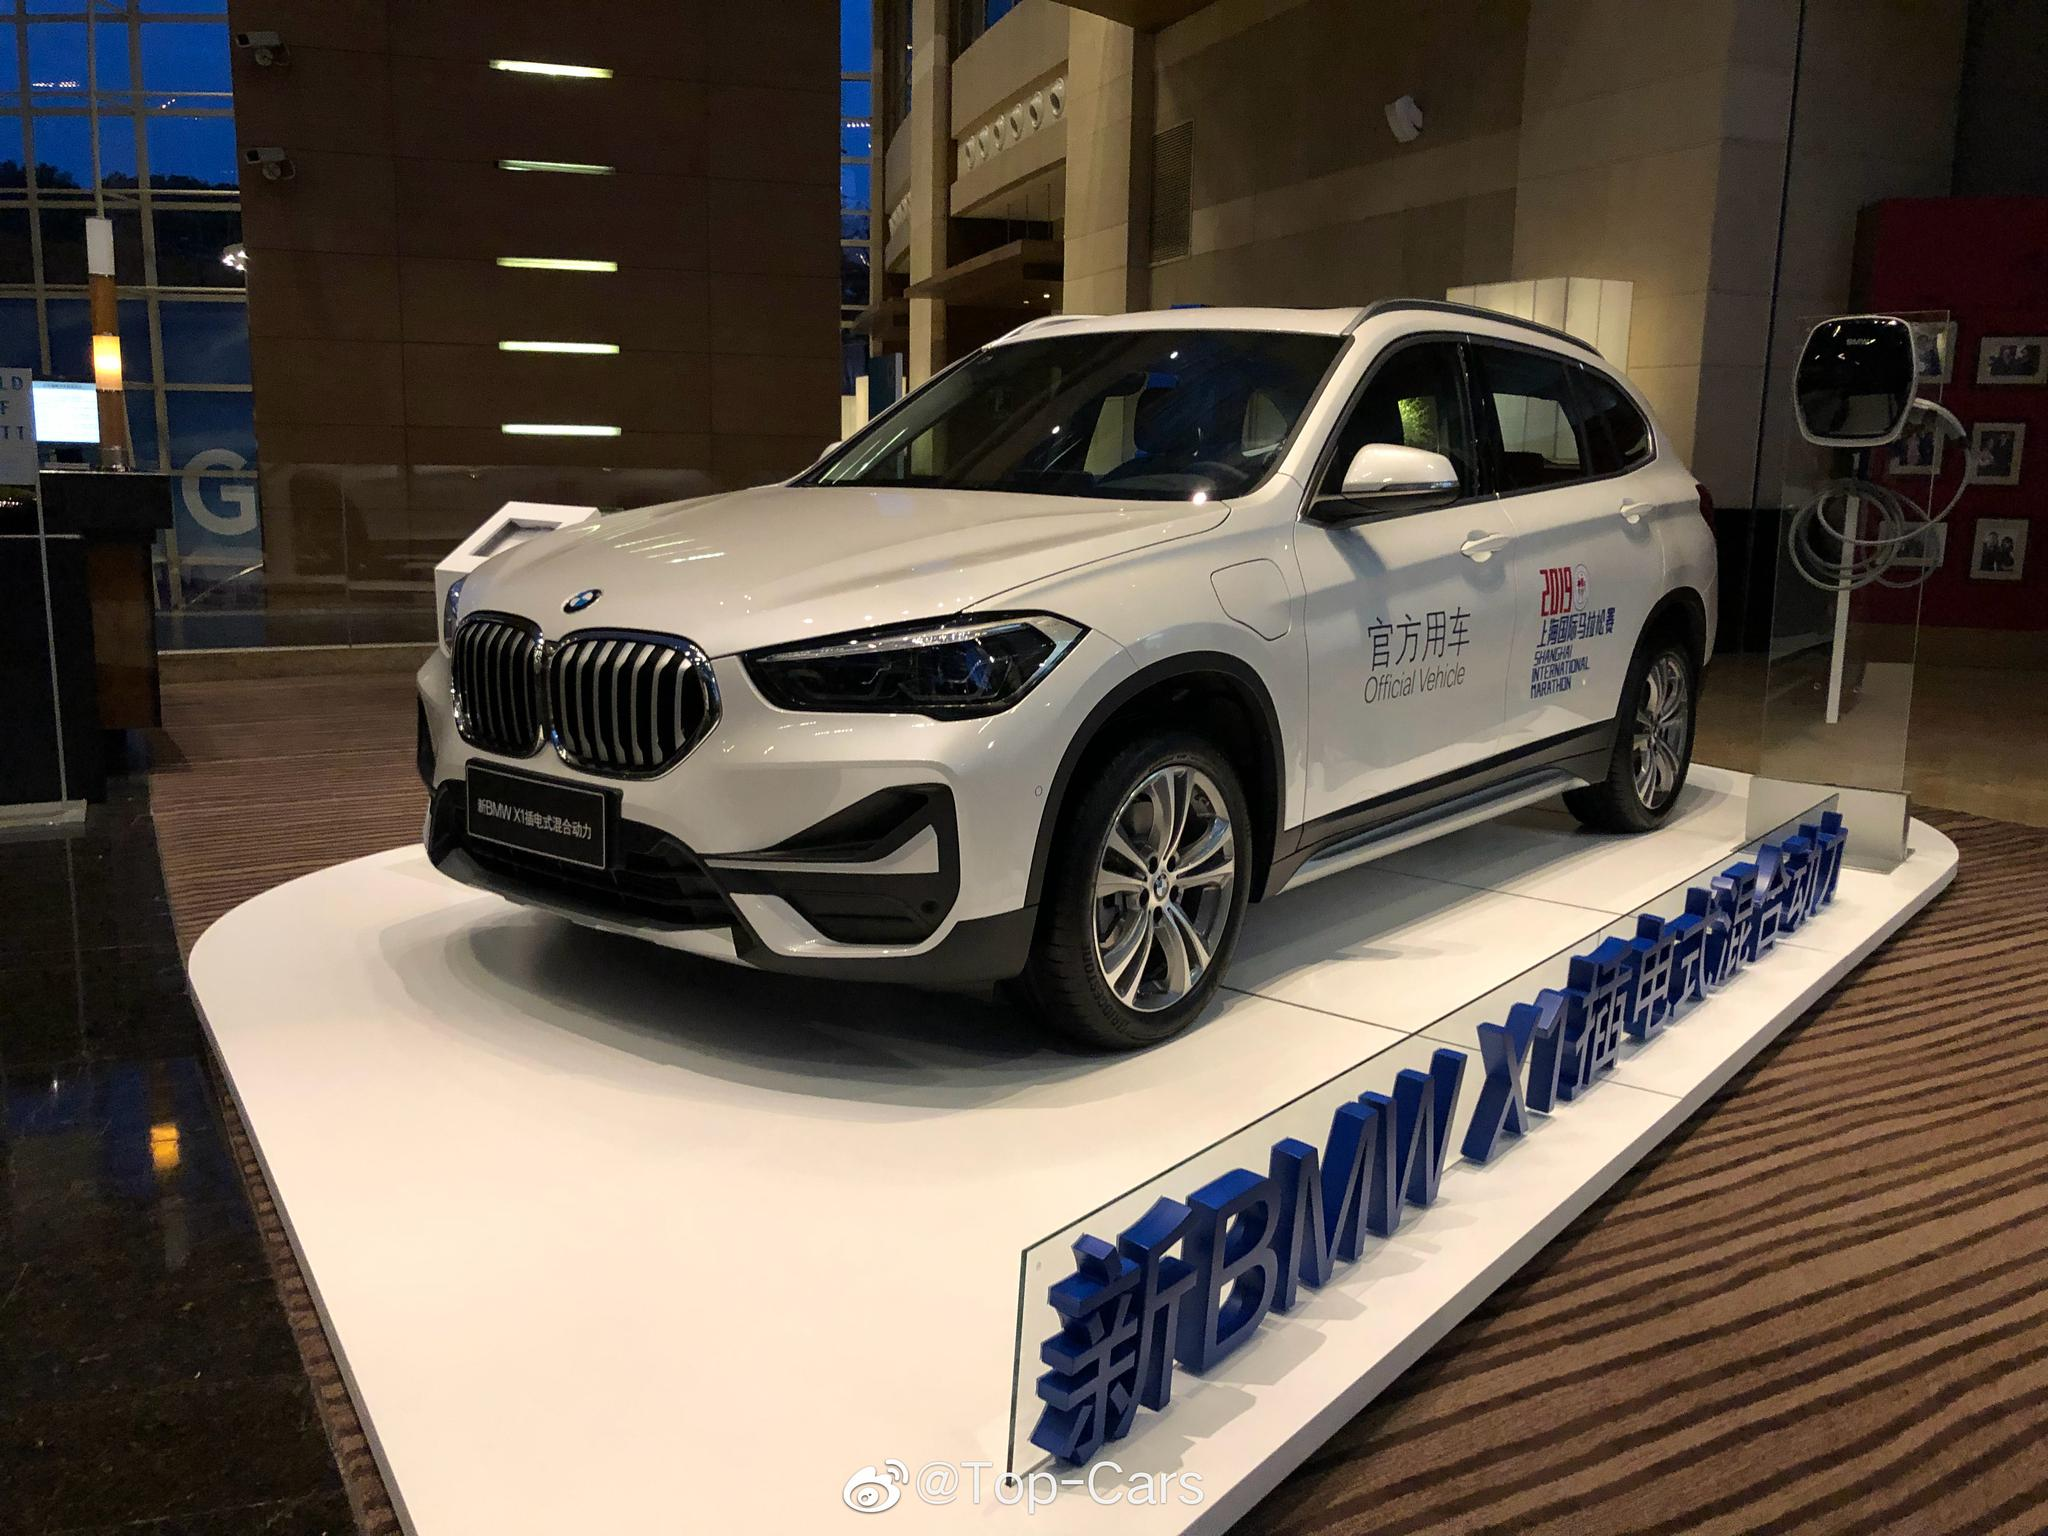 宝马已经连续7年赞助上海国际马拉松赛事,来看看宝马X1插电混动版